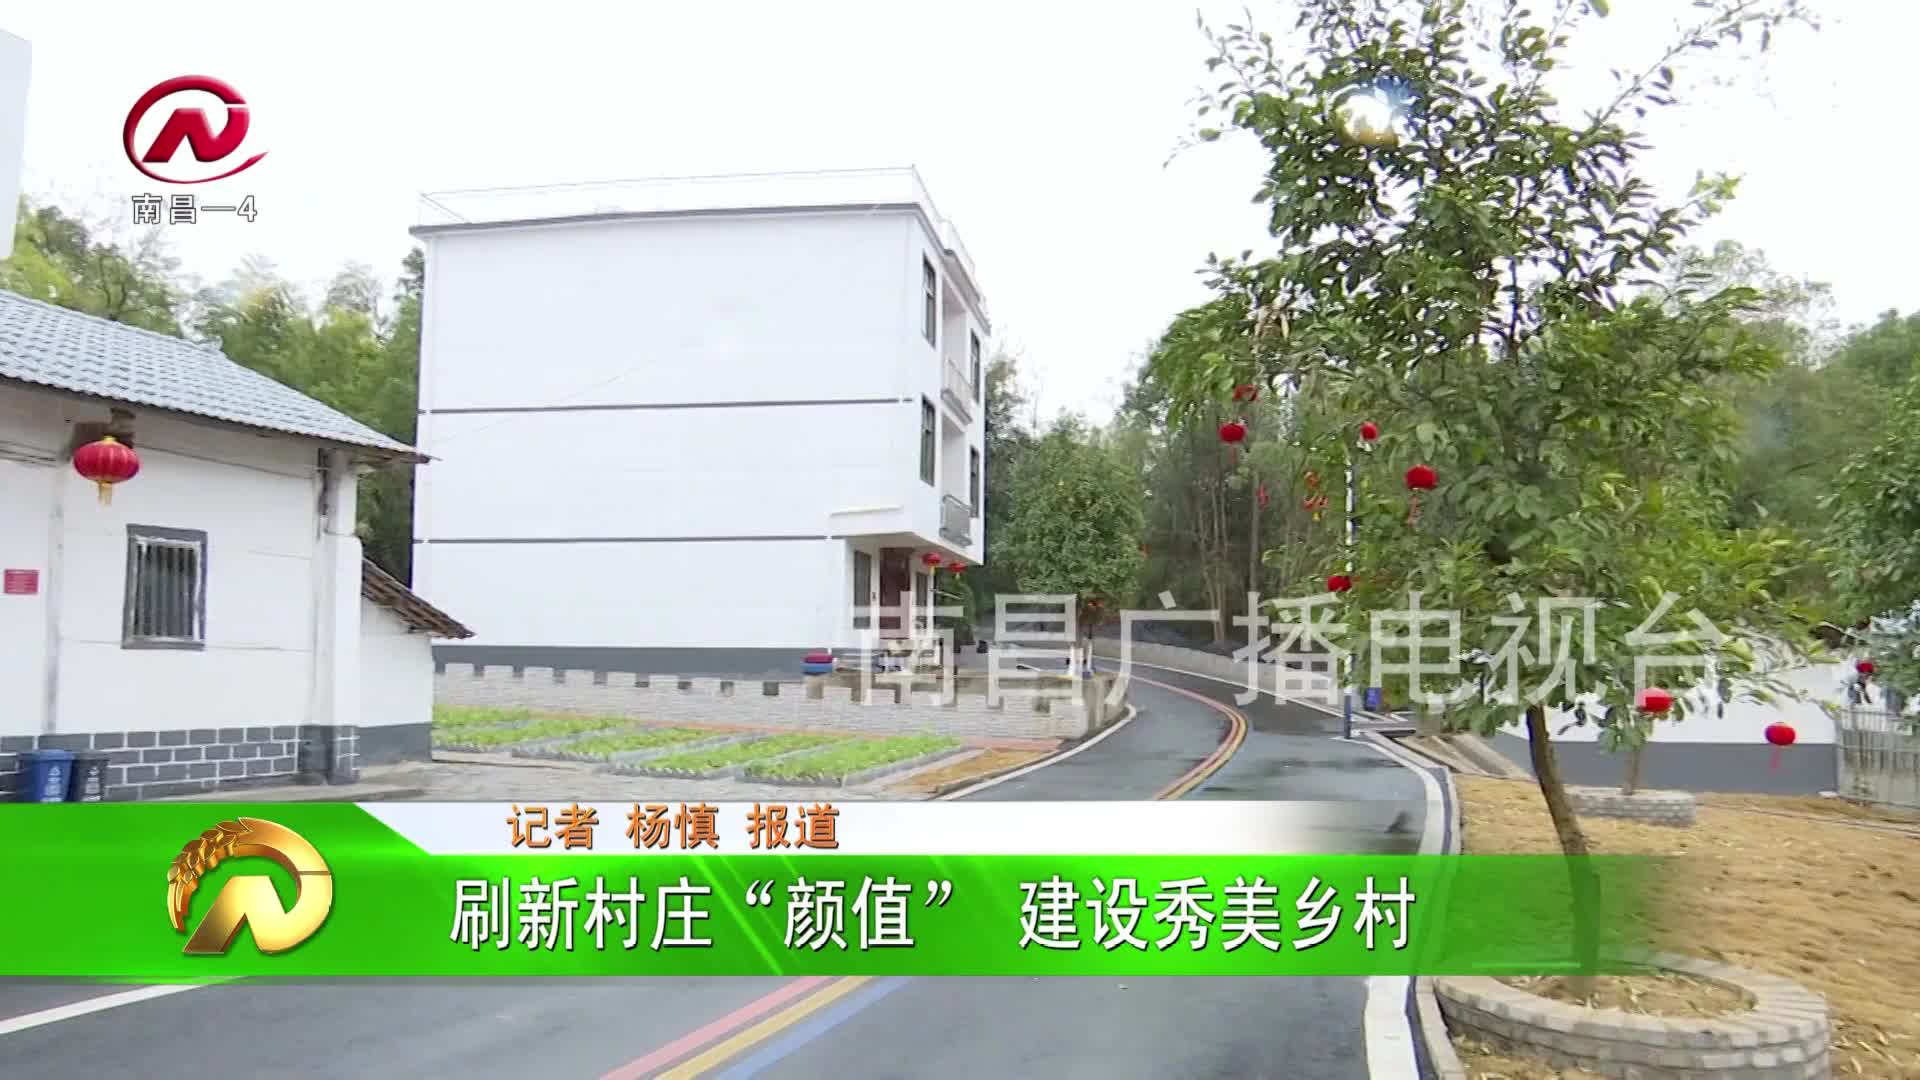 """【豫章農視】刷新村莊""""顏值"""" 建設秀美鄉村"""